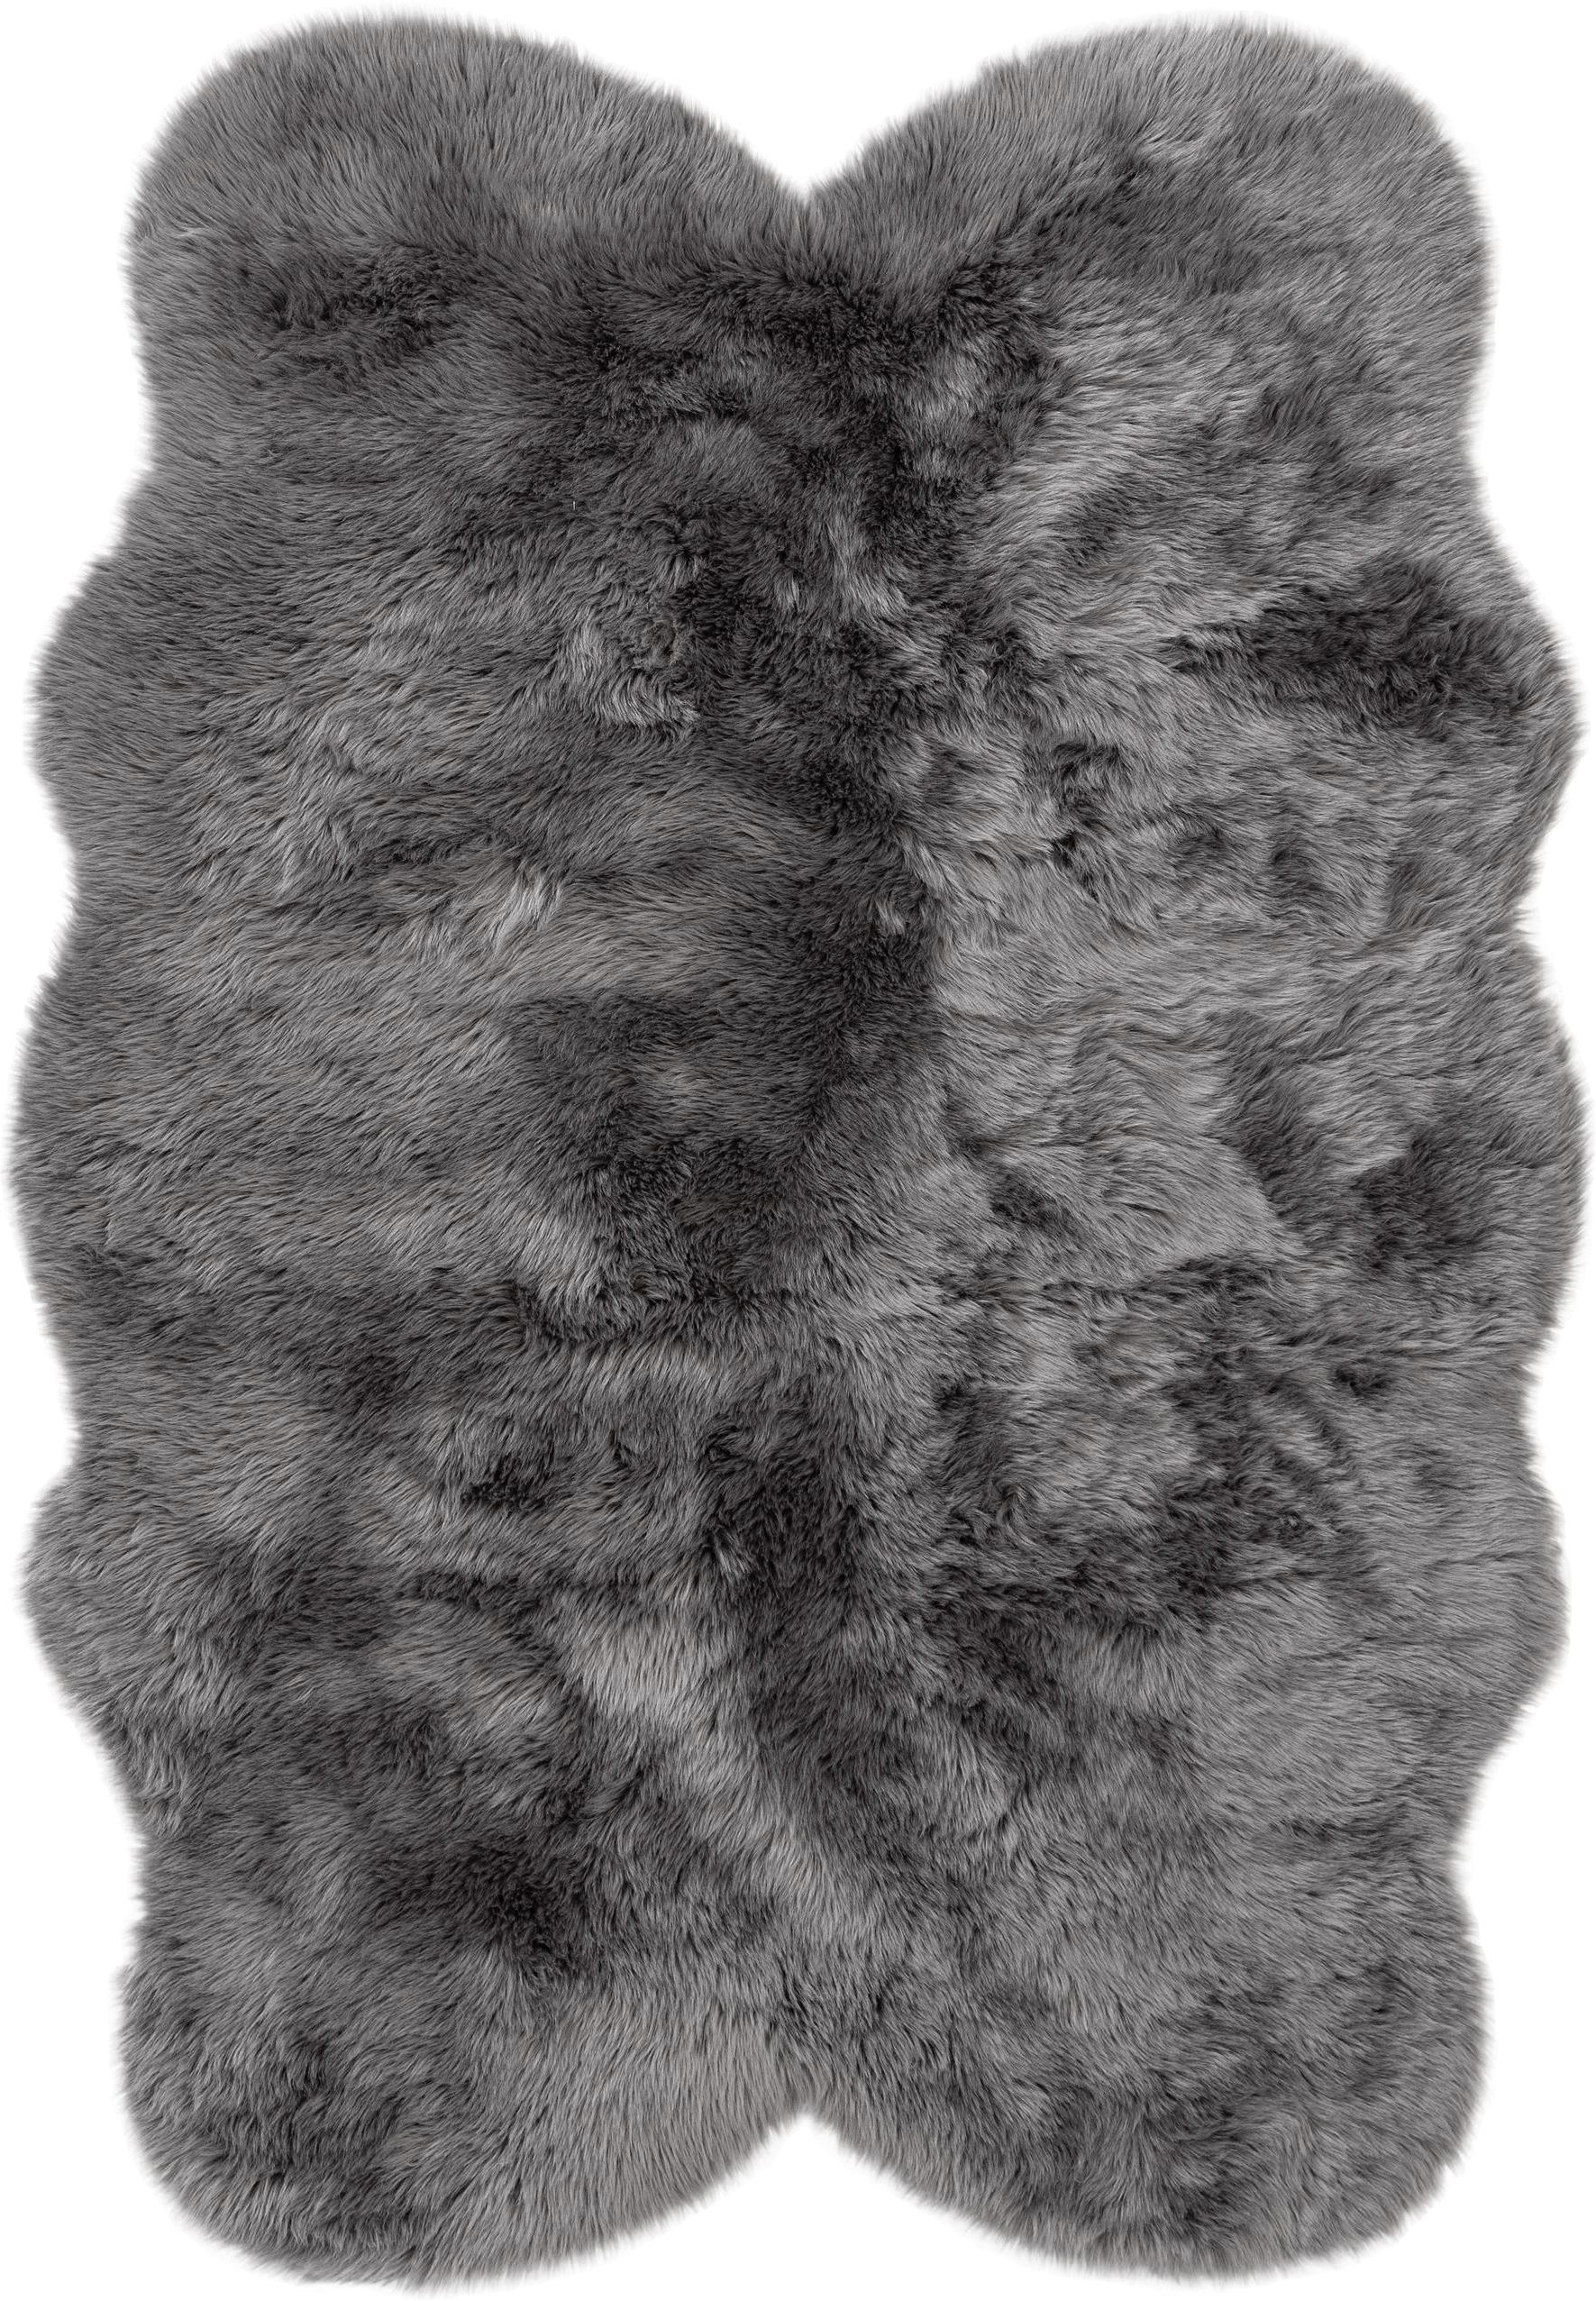 Alfombra piel sintética Elmo, Parte superior: 50%acrílico, 50%poliést, Reverso: poliéster, Gris, An 140 x L 200 cm (Tamaño S)